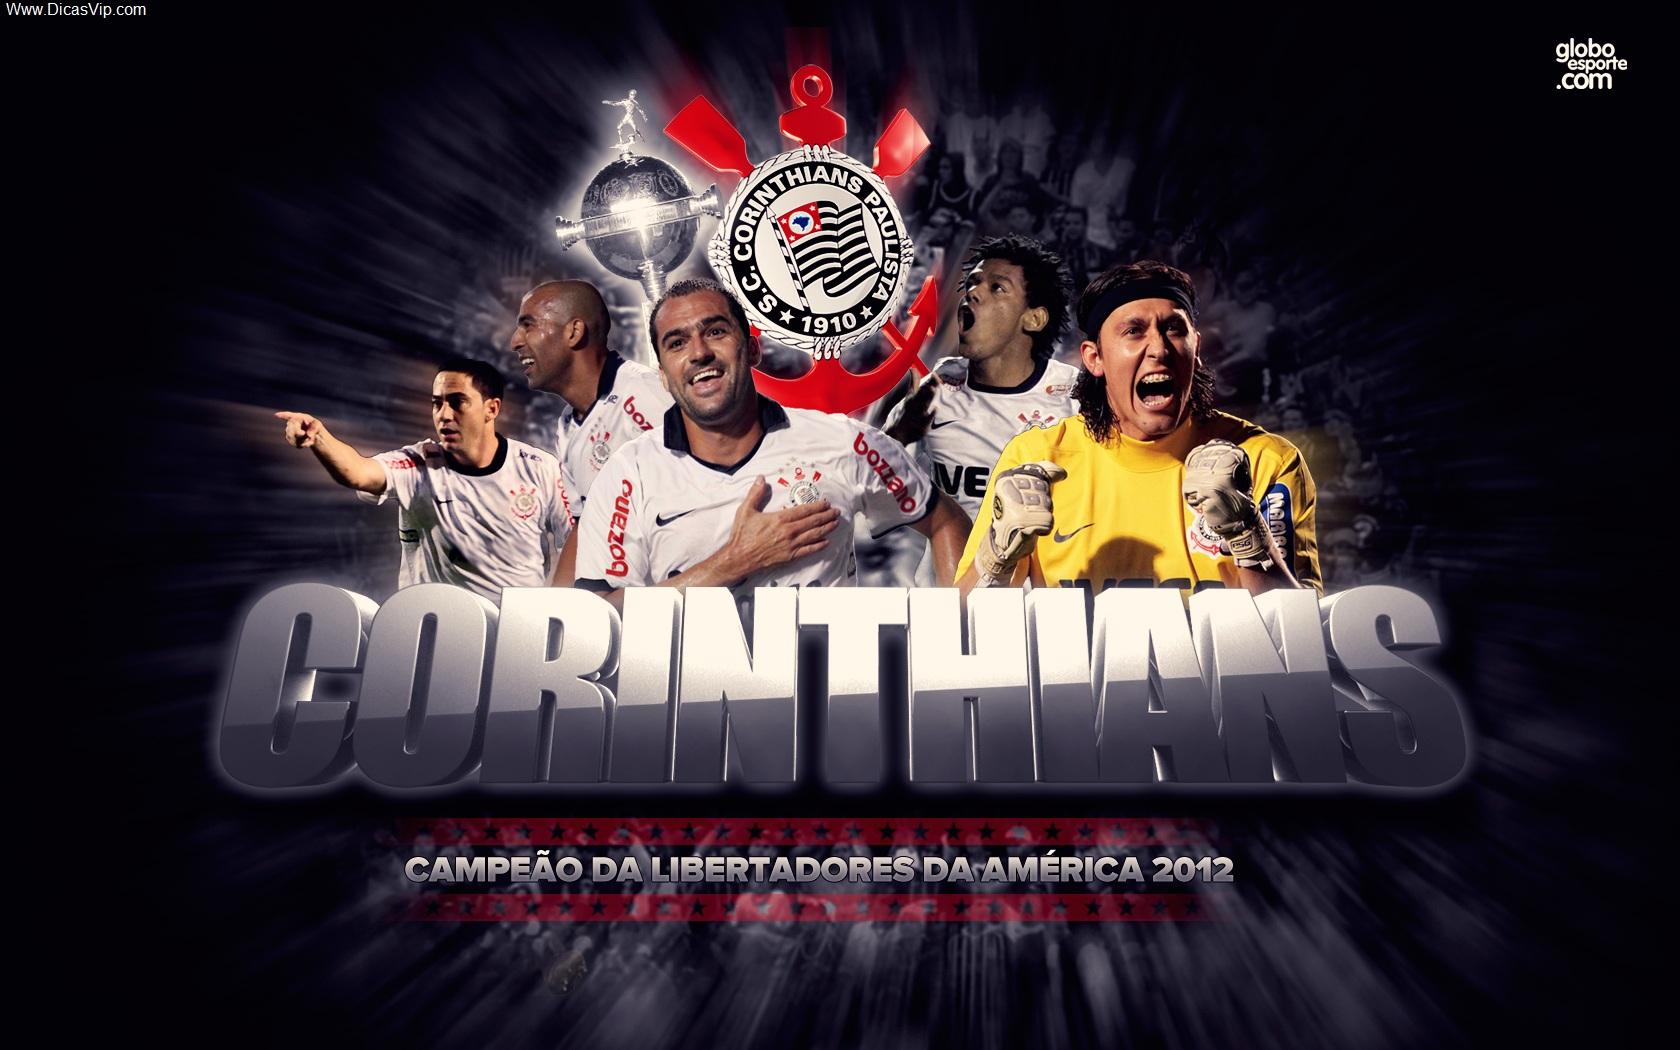 Wallpaper Corinthians campeão da libertadores 2012